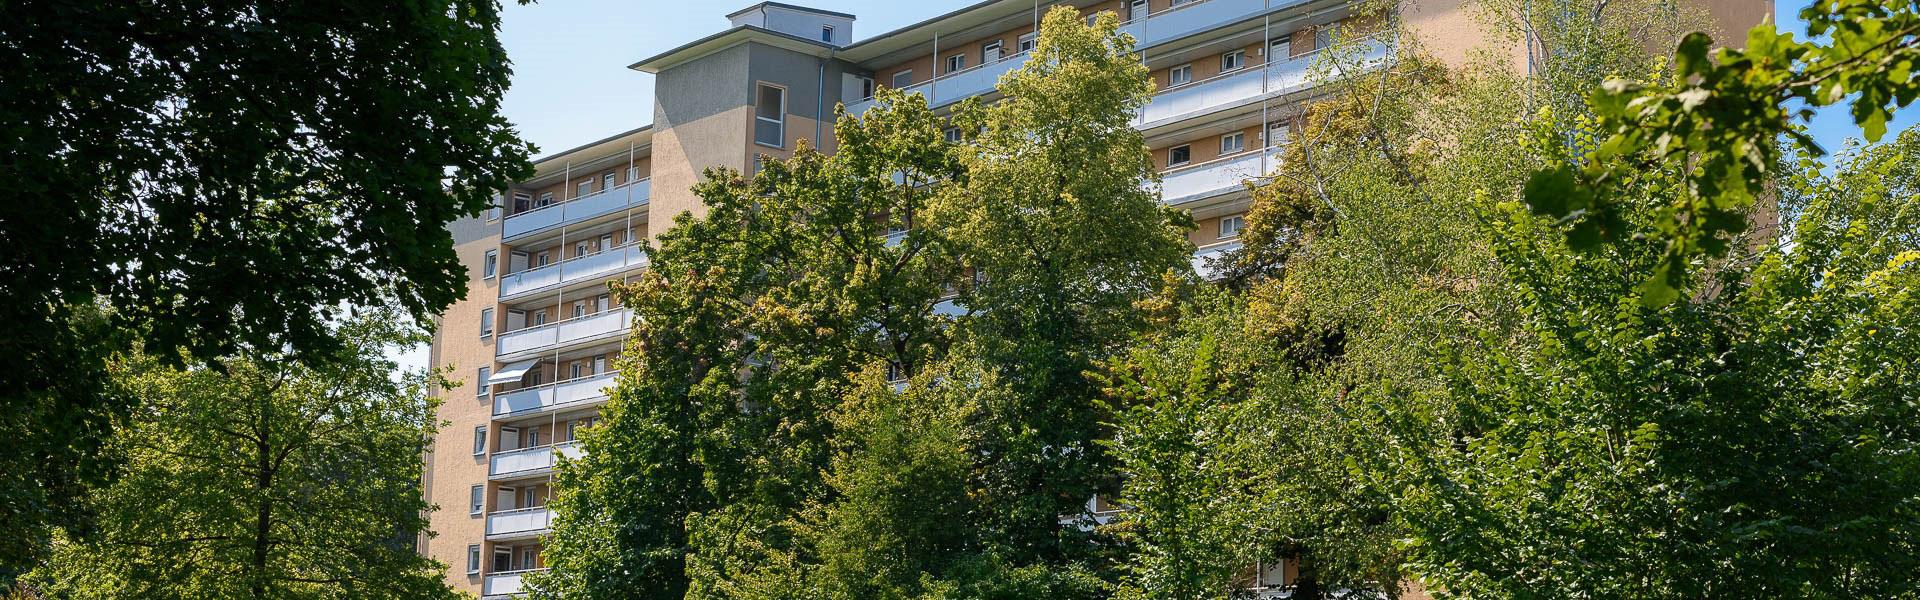 Scherer_Immobilien_Von-Richthofen-Str._Augsburg